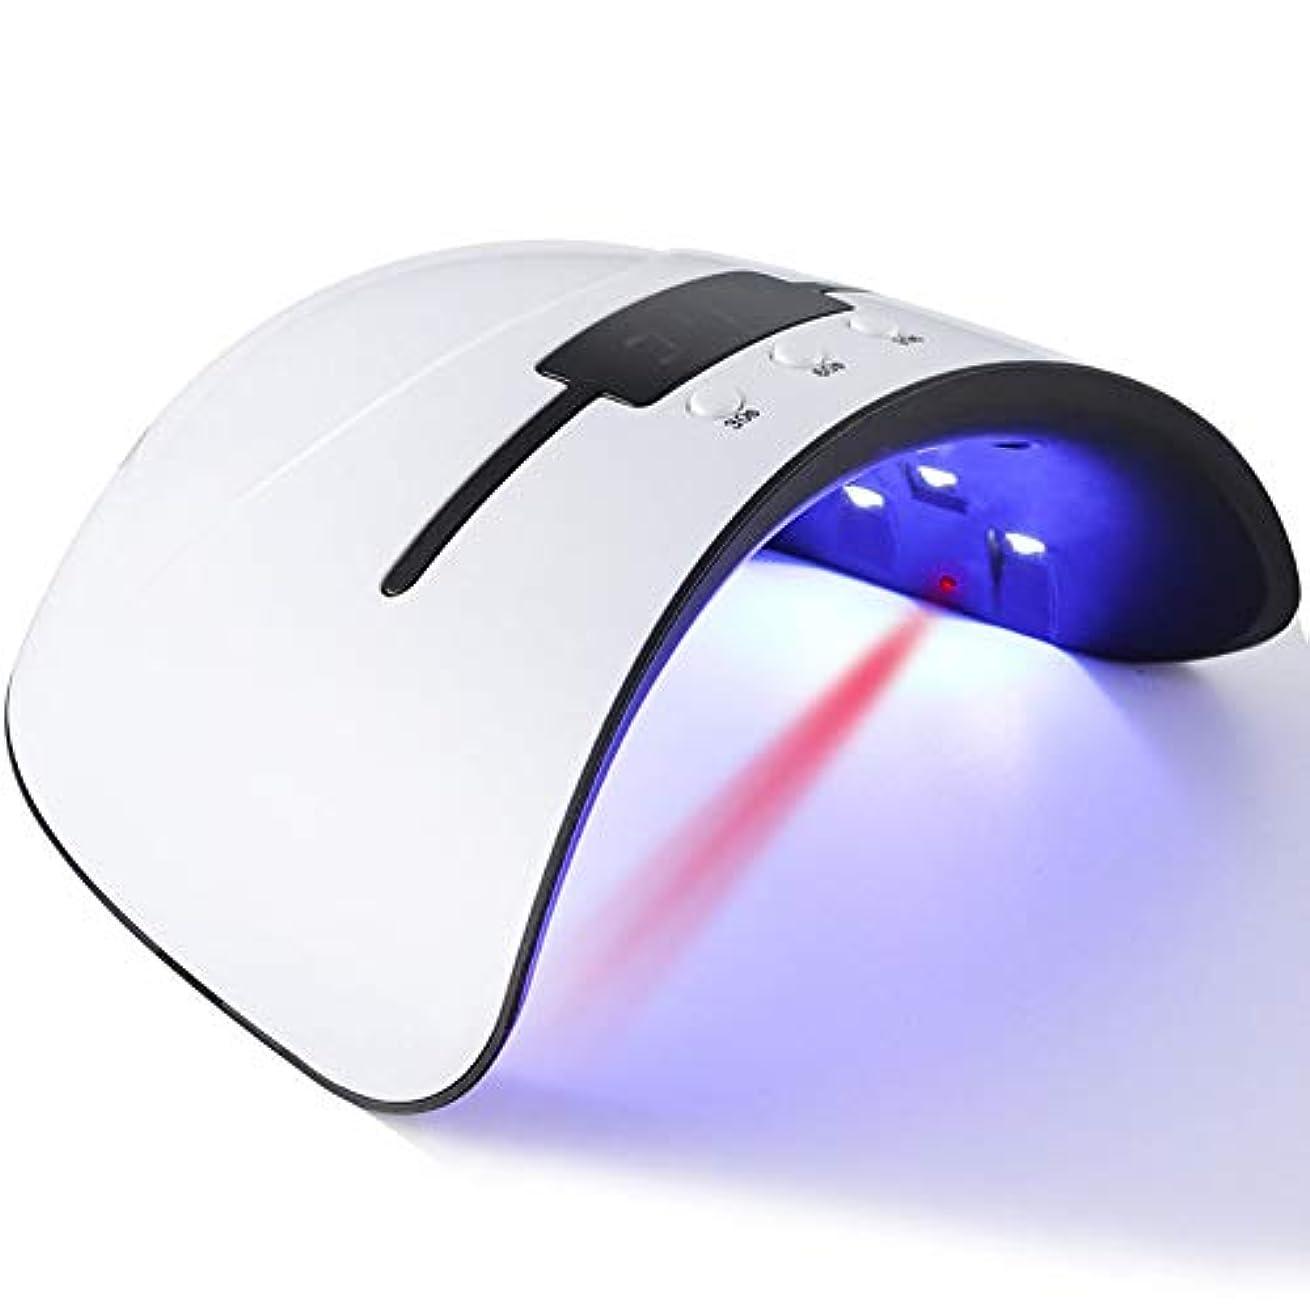 うまくやる()マーケティングから硬化ライト ネイルlight ジェルネイル LED ネイルドライヤー 日本語説明書付属 36W 無痛硬化 赤外線検知